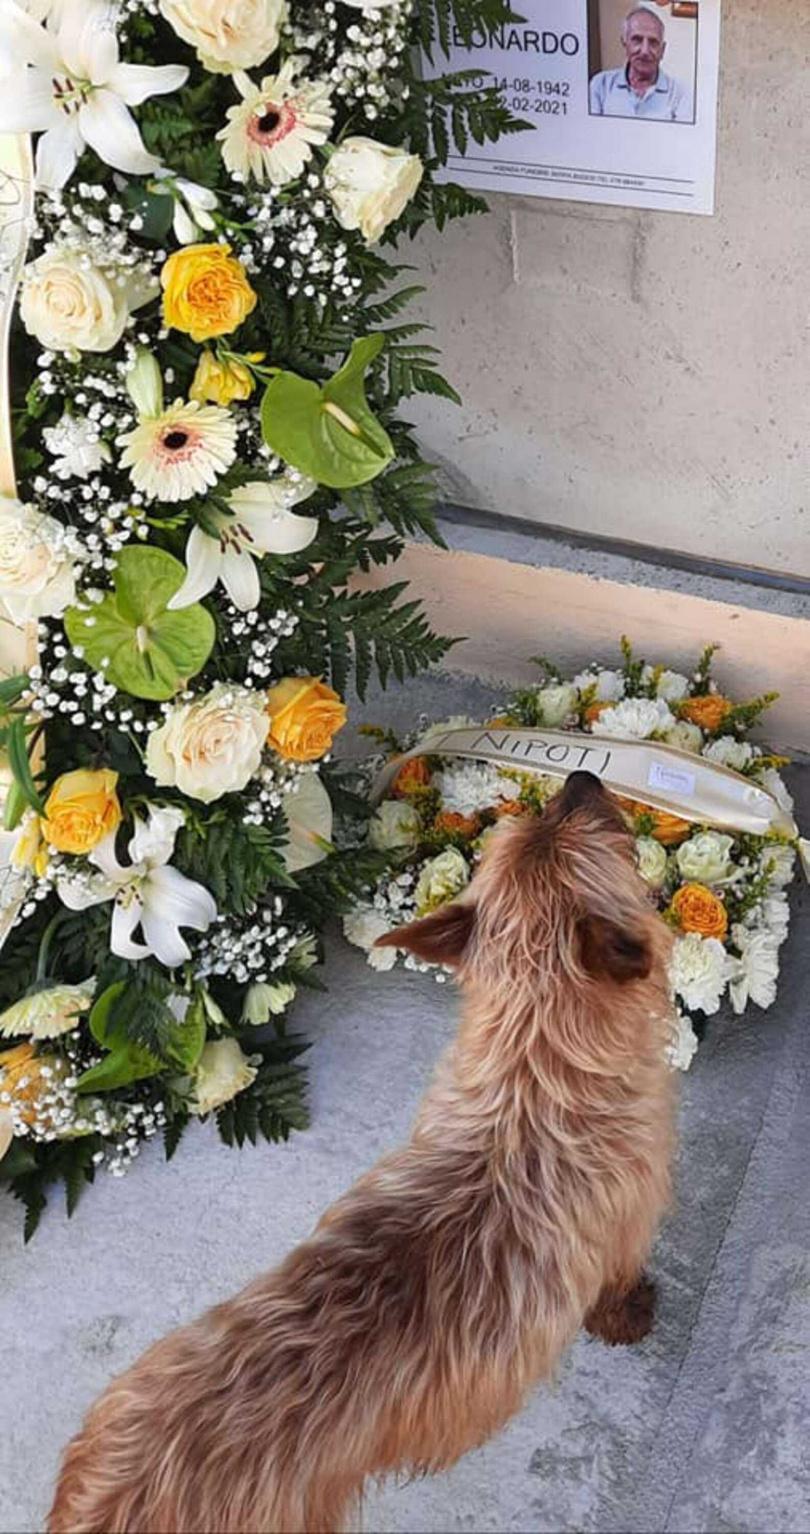 狗狗在墓前思念過世的主人。(圖/翻攝自Sara Sechi臉書)